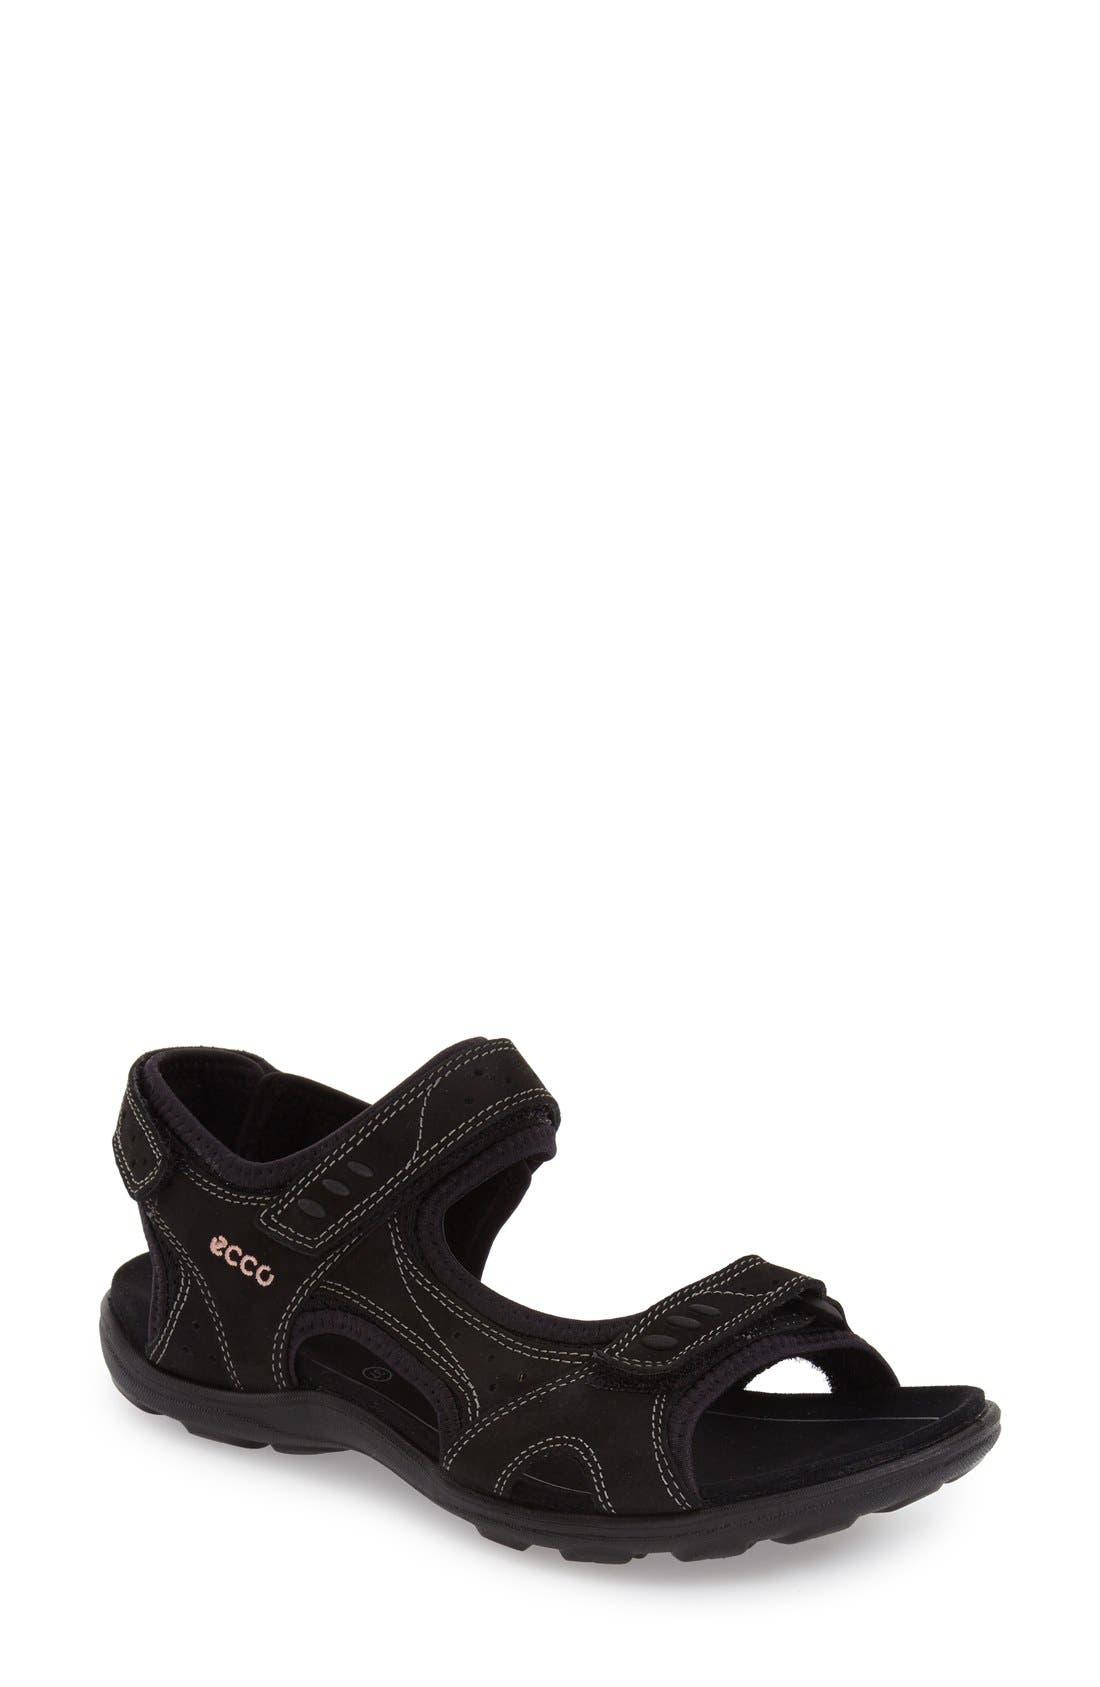 Alternate Image 1 Selected - ECCO 'Kana' Sport Sandal (Women)